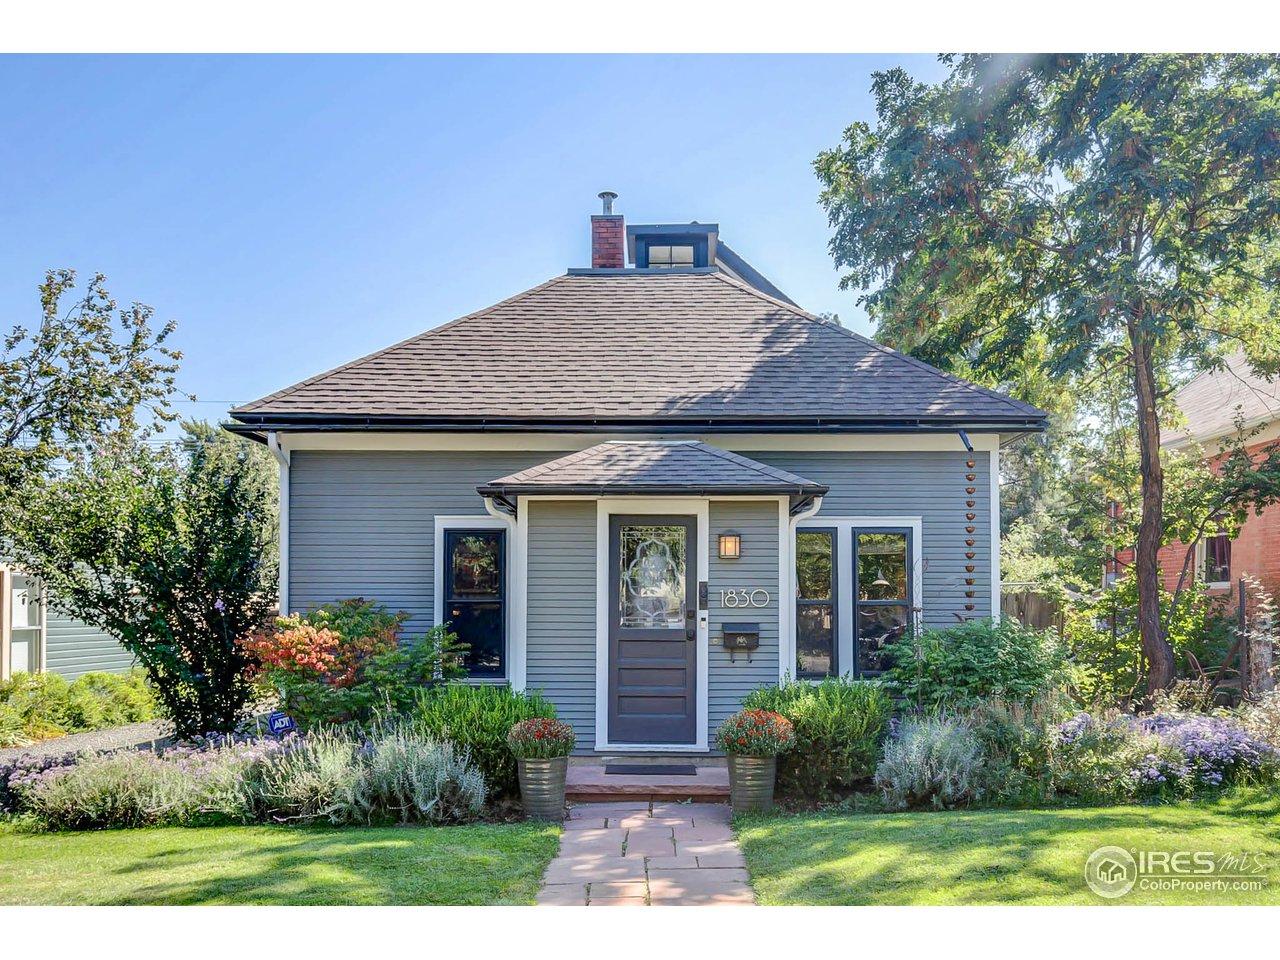 1830 Mapleton Ave, Boulder CO 80304